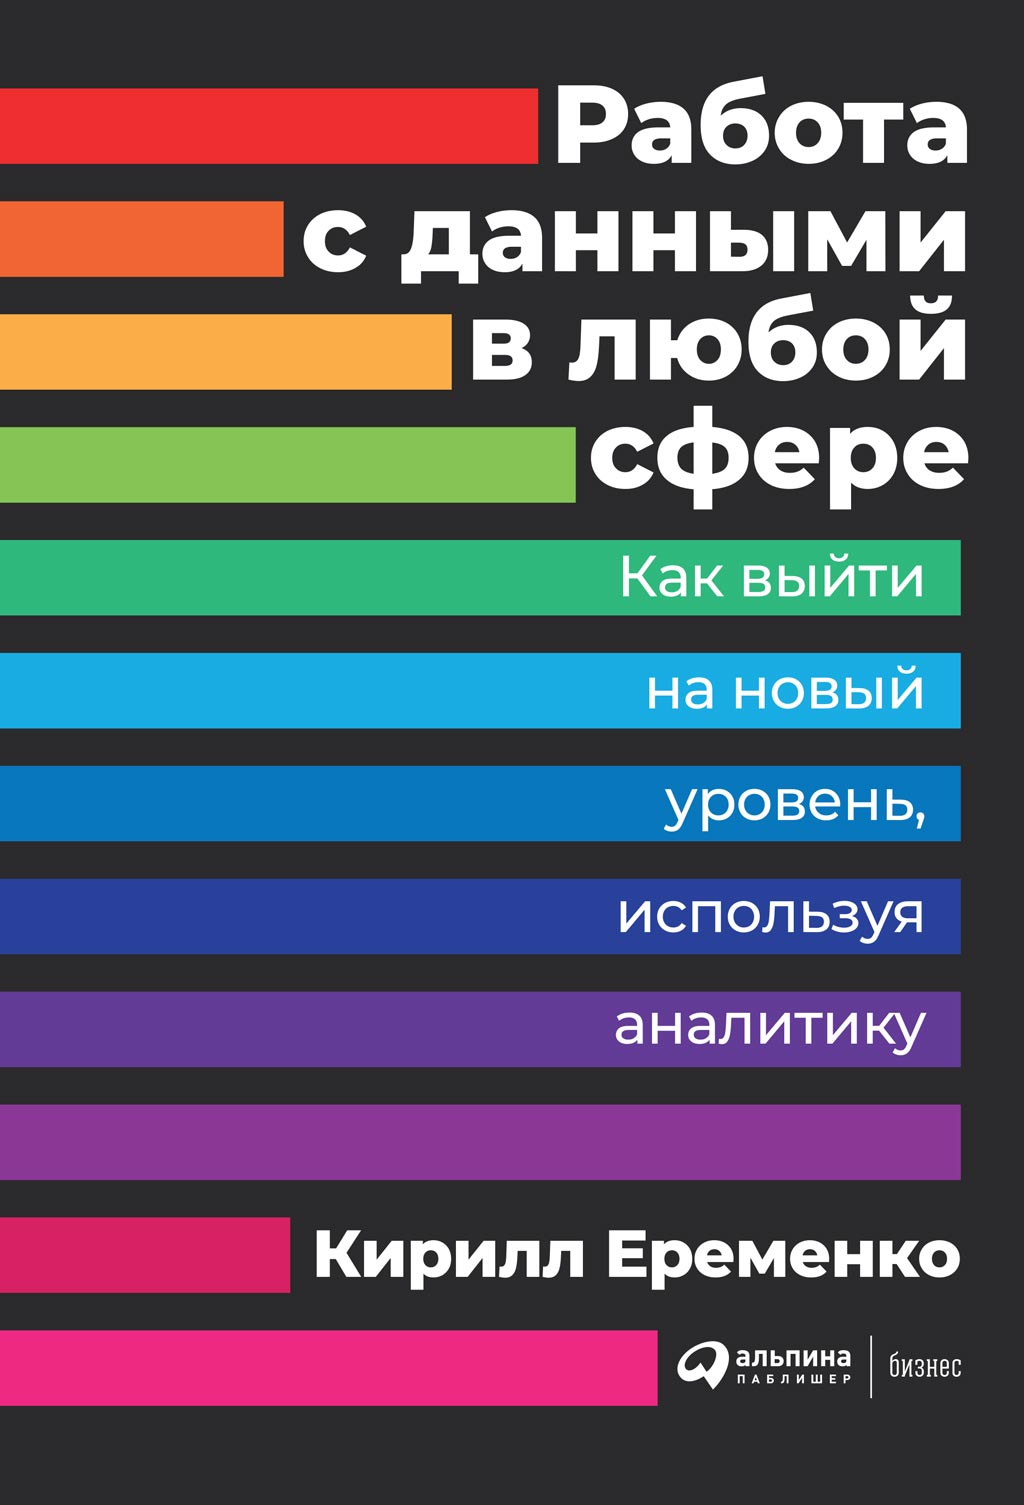 Купить книгу Работа с данными в любой сфере, автора Кирилла Еременко